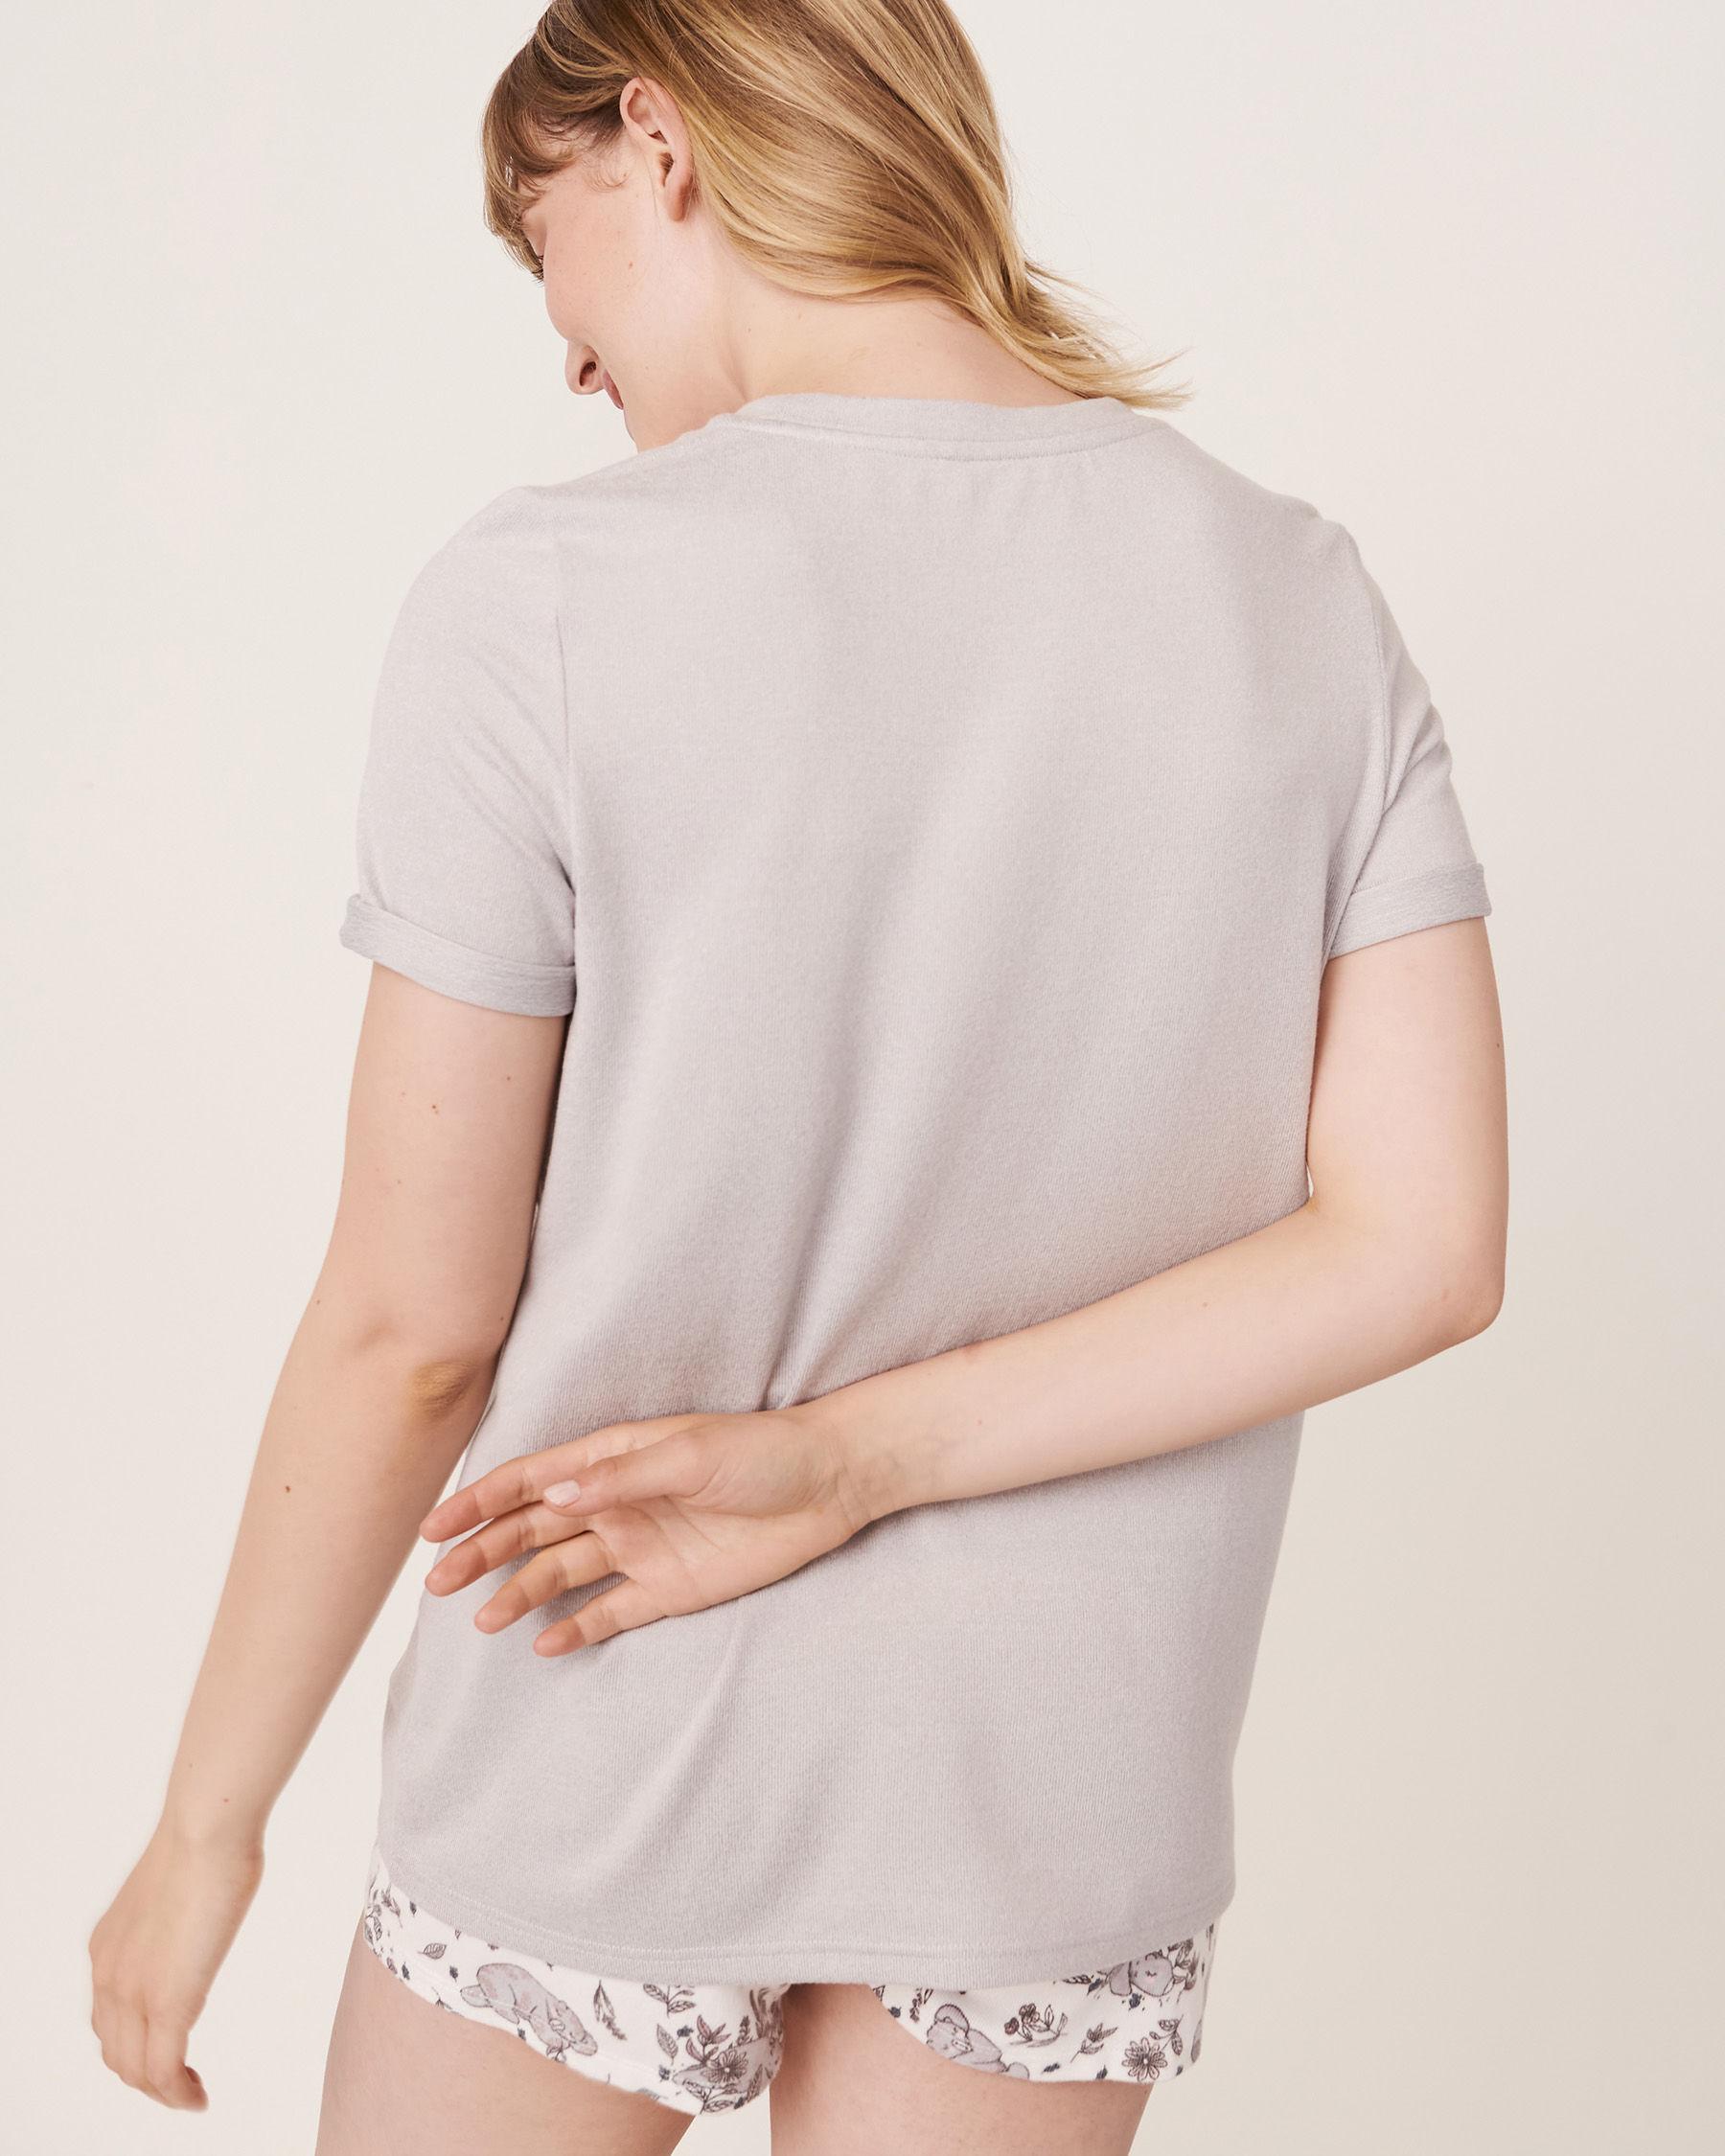 LA VIE EN ROSE Chandail manches courtes encolure ronde en fibres recyclées Mélange de gris 40100141 - Voir2